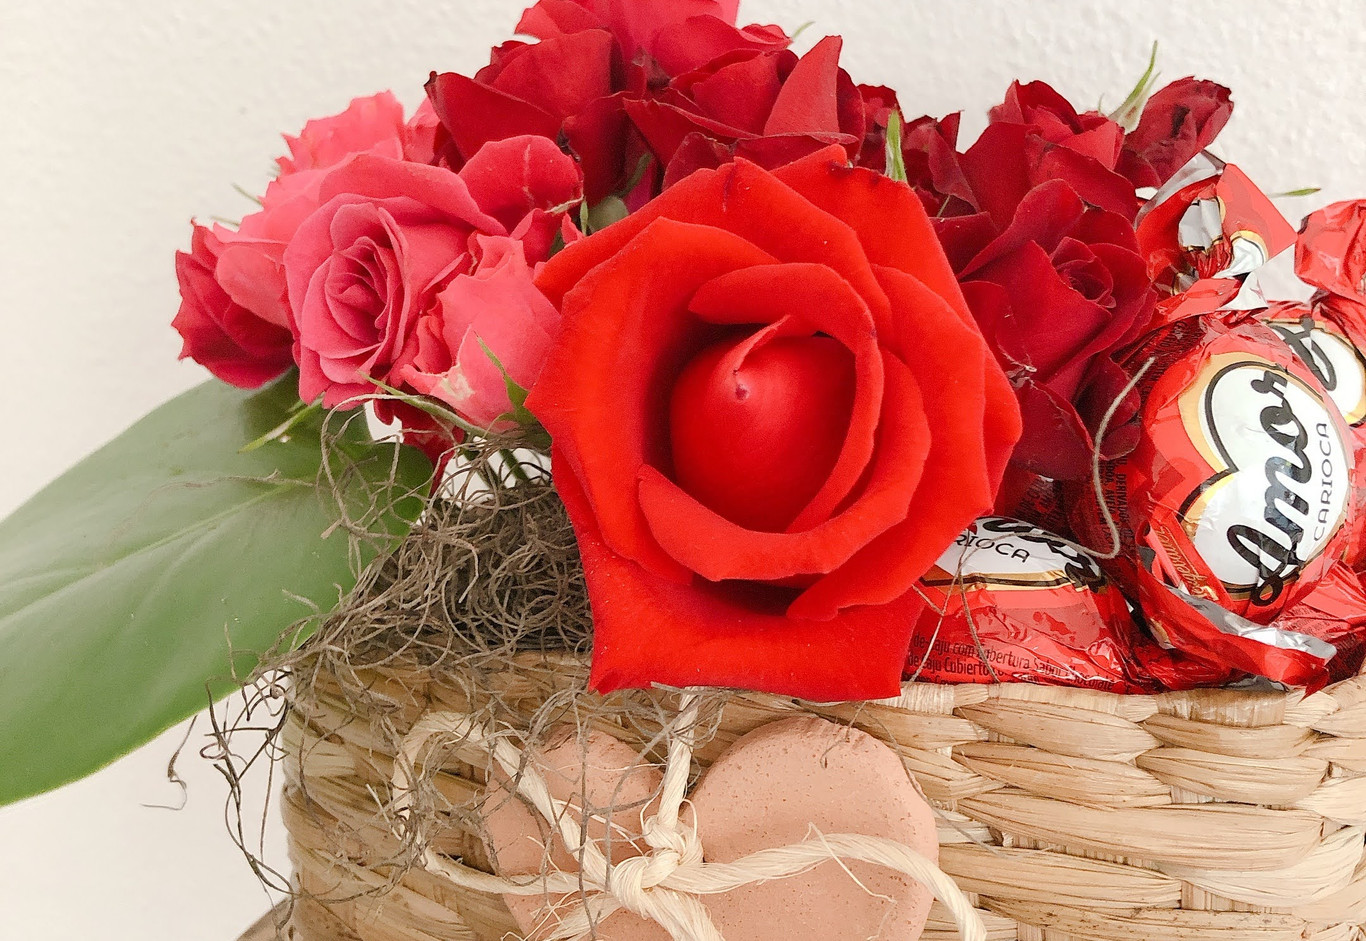 Cestinha com rosas vermelhas, chocolate, coraçao e vela